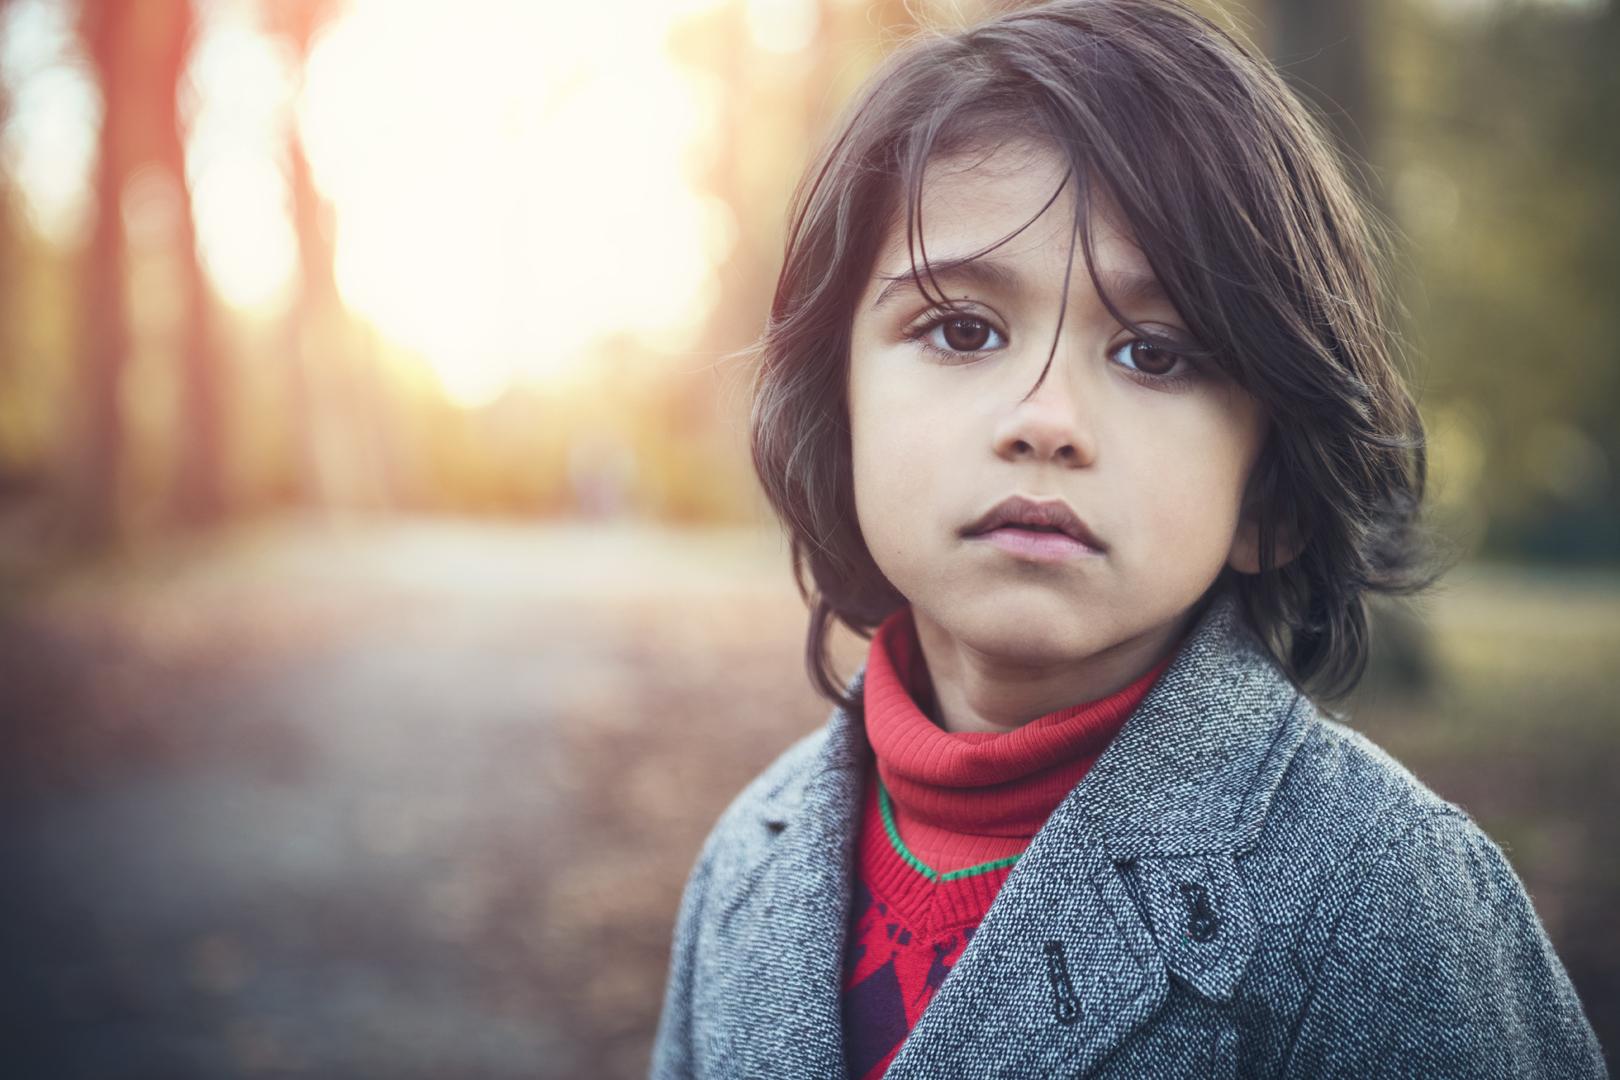 kako-se-lijeci-strabizam-lijecenje-strabizma-kod-djeca-kako-hr